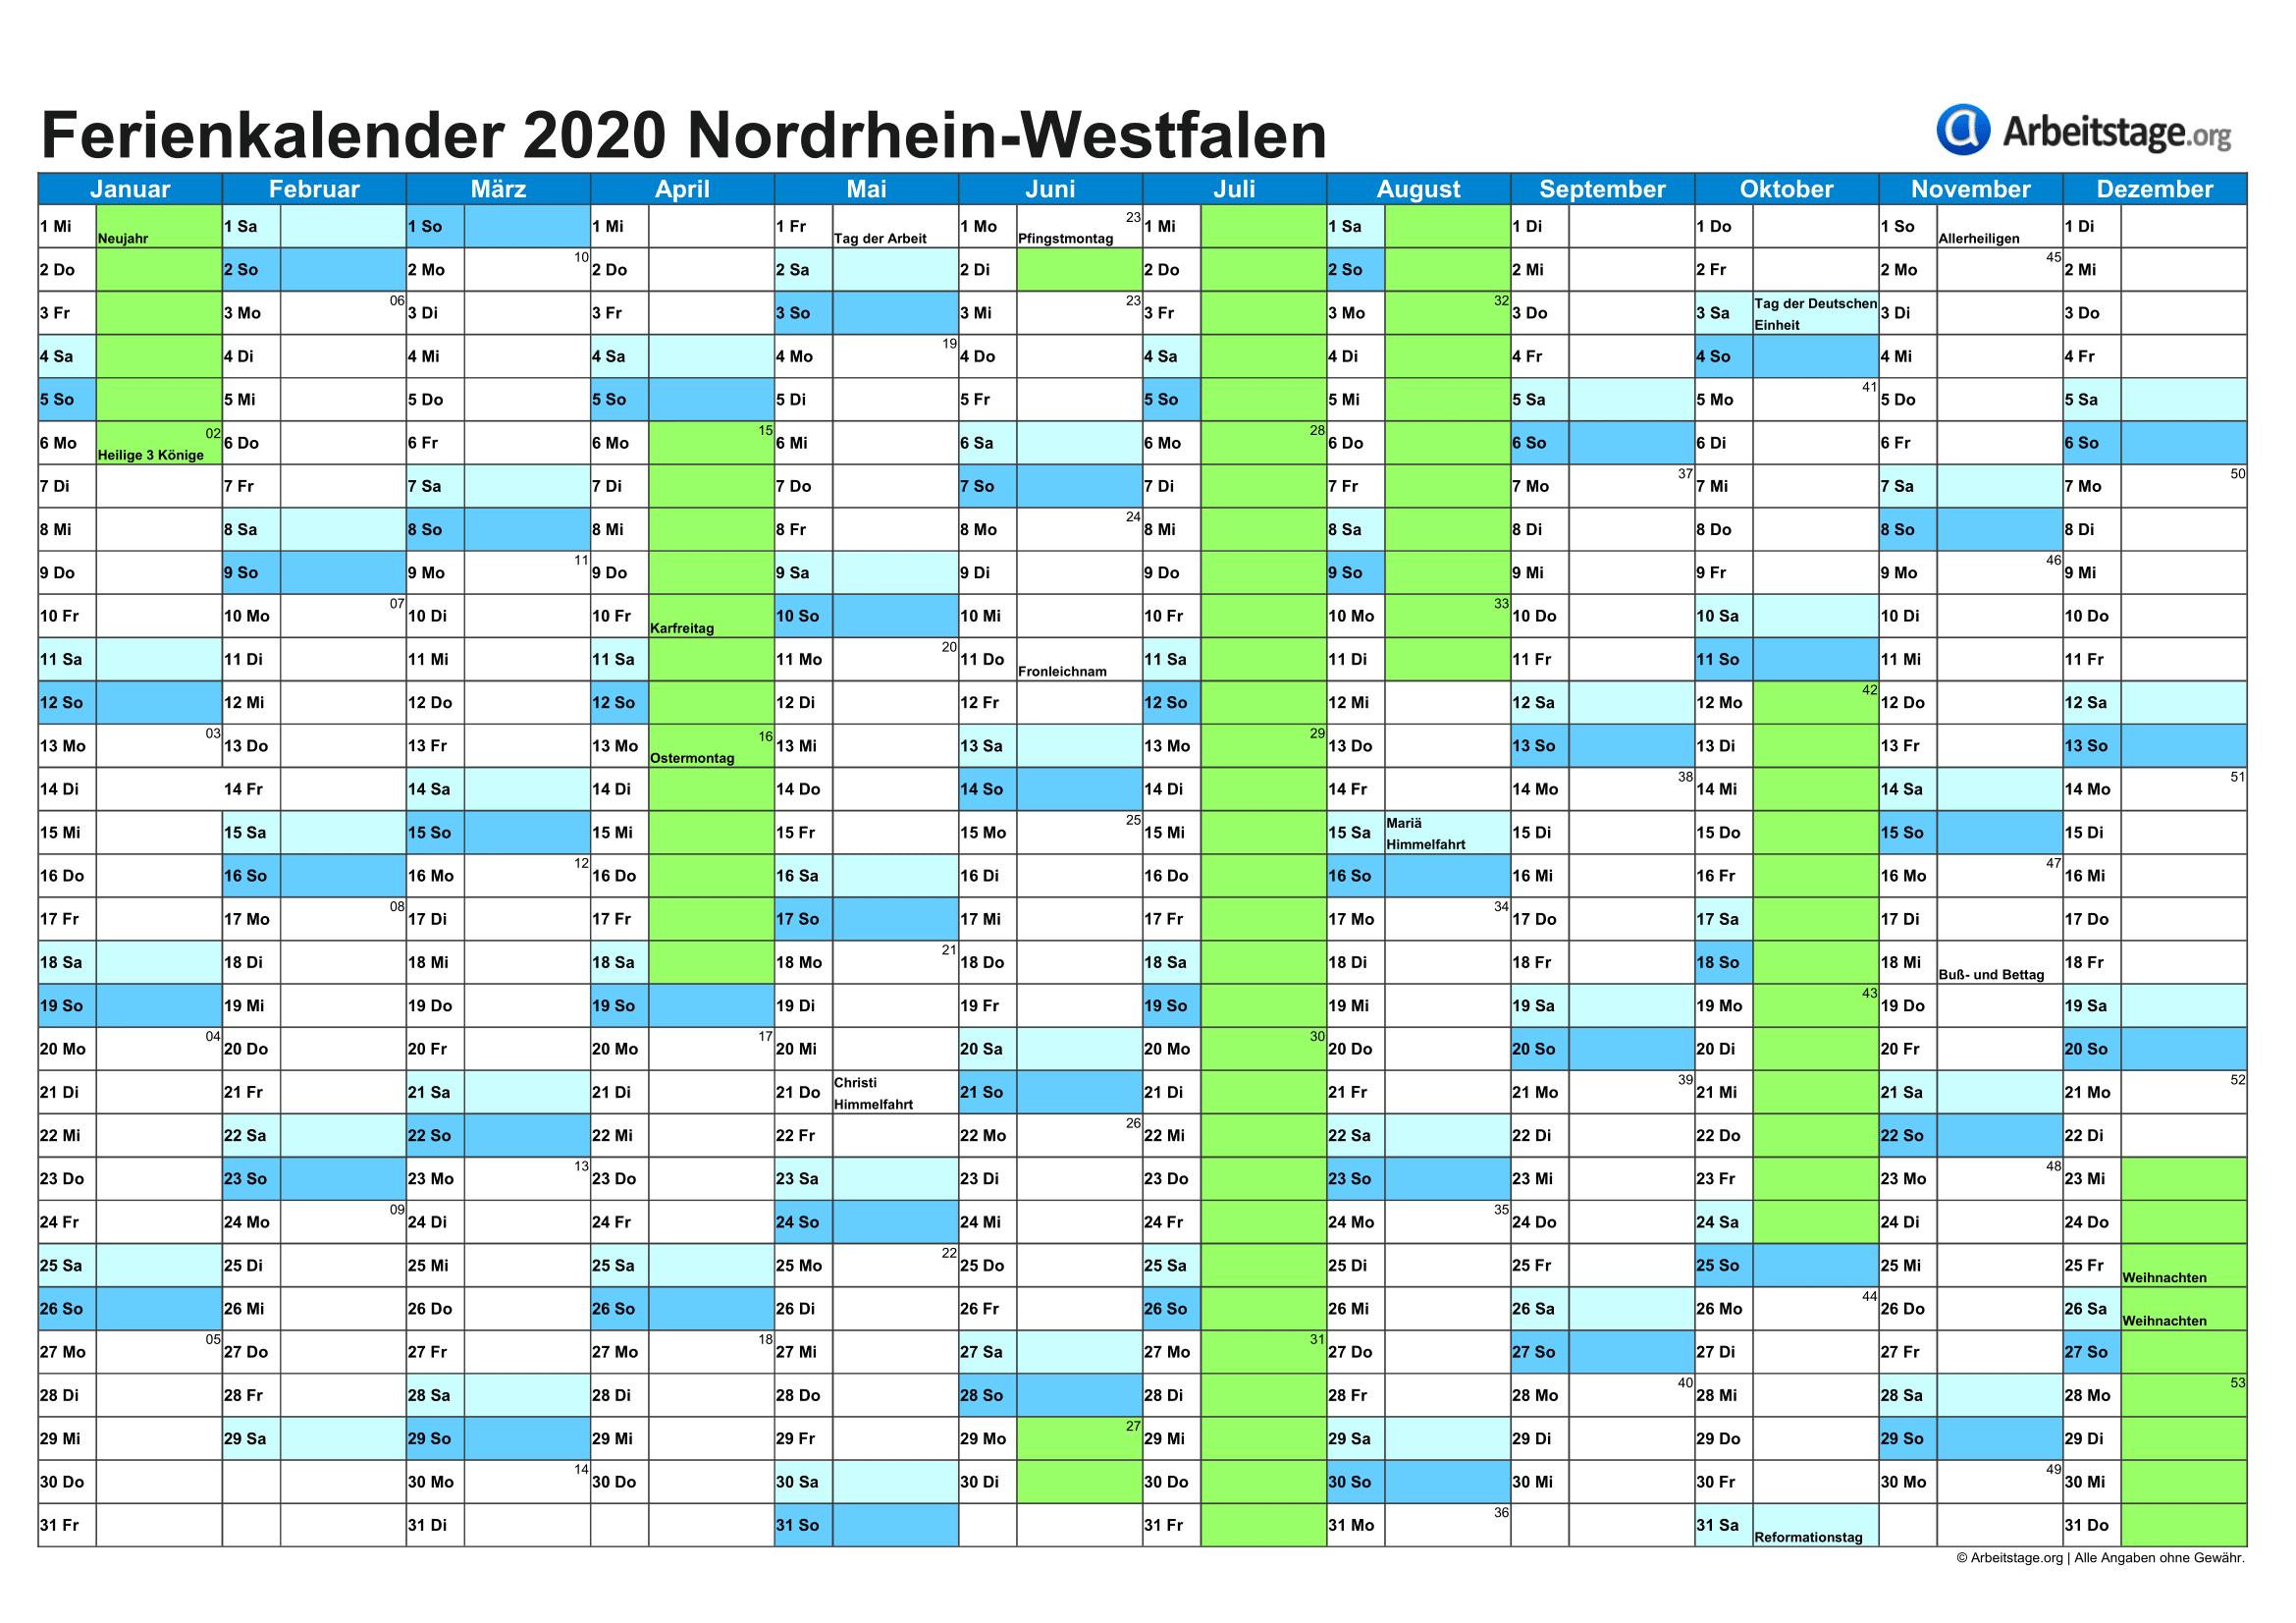 Weihnachten 2019 Nrw.Ferien Nordrhein Westfalen 2019 2020 Ferienkalender Mit Schulferien